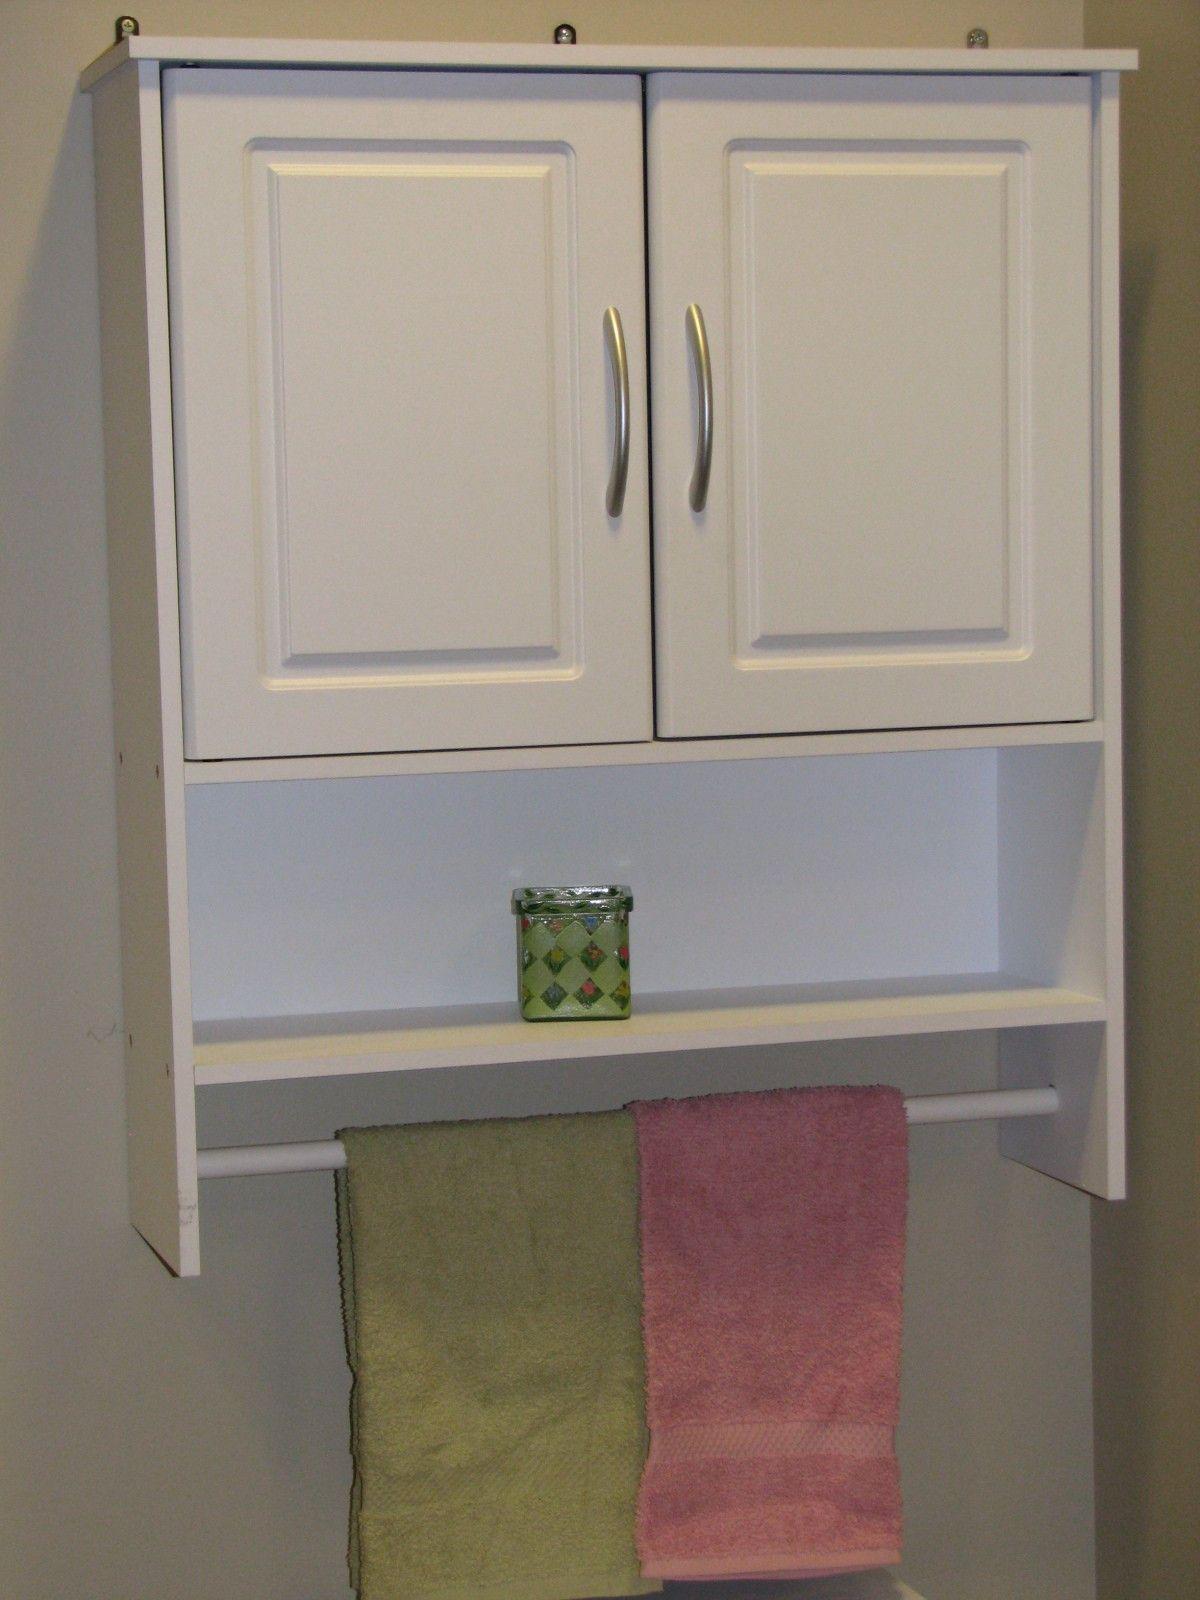 99 Bathroom Wall Cabinet With Towel Bar